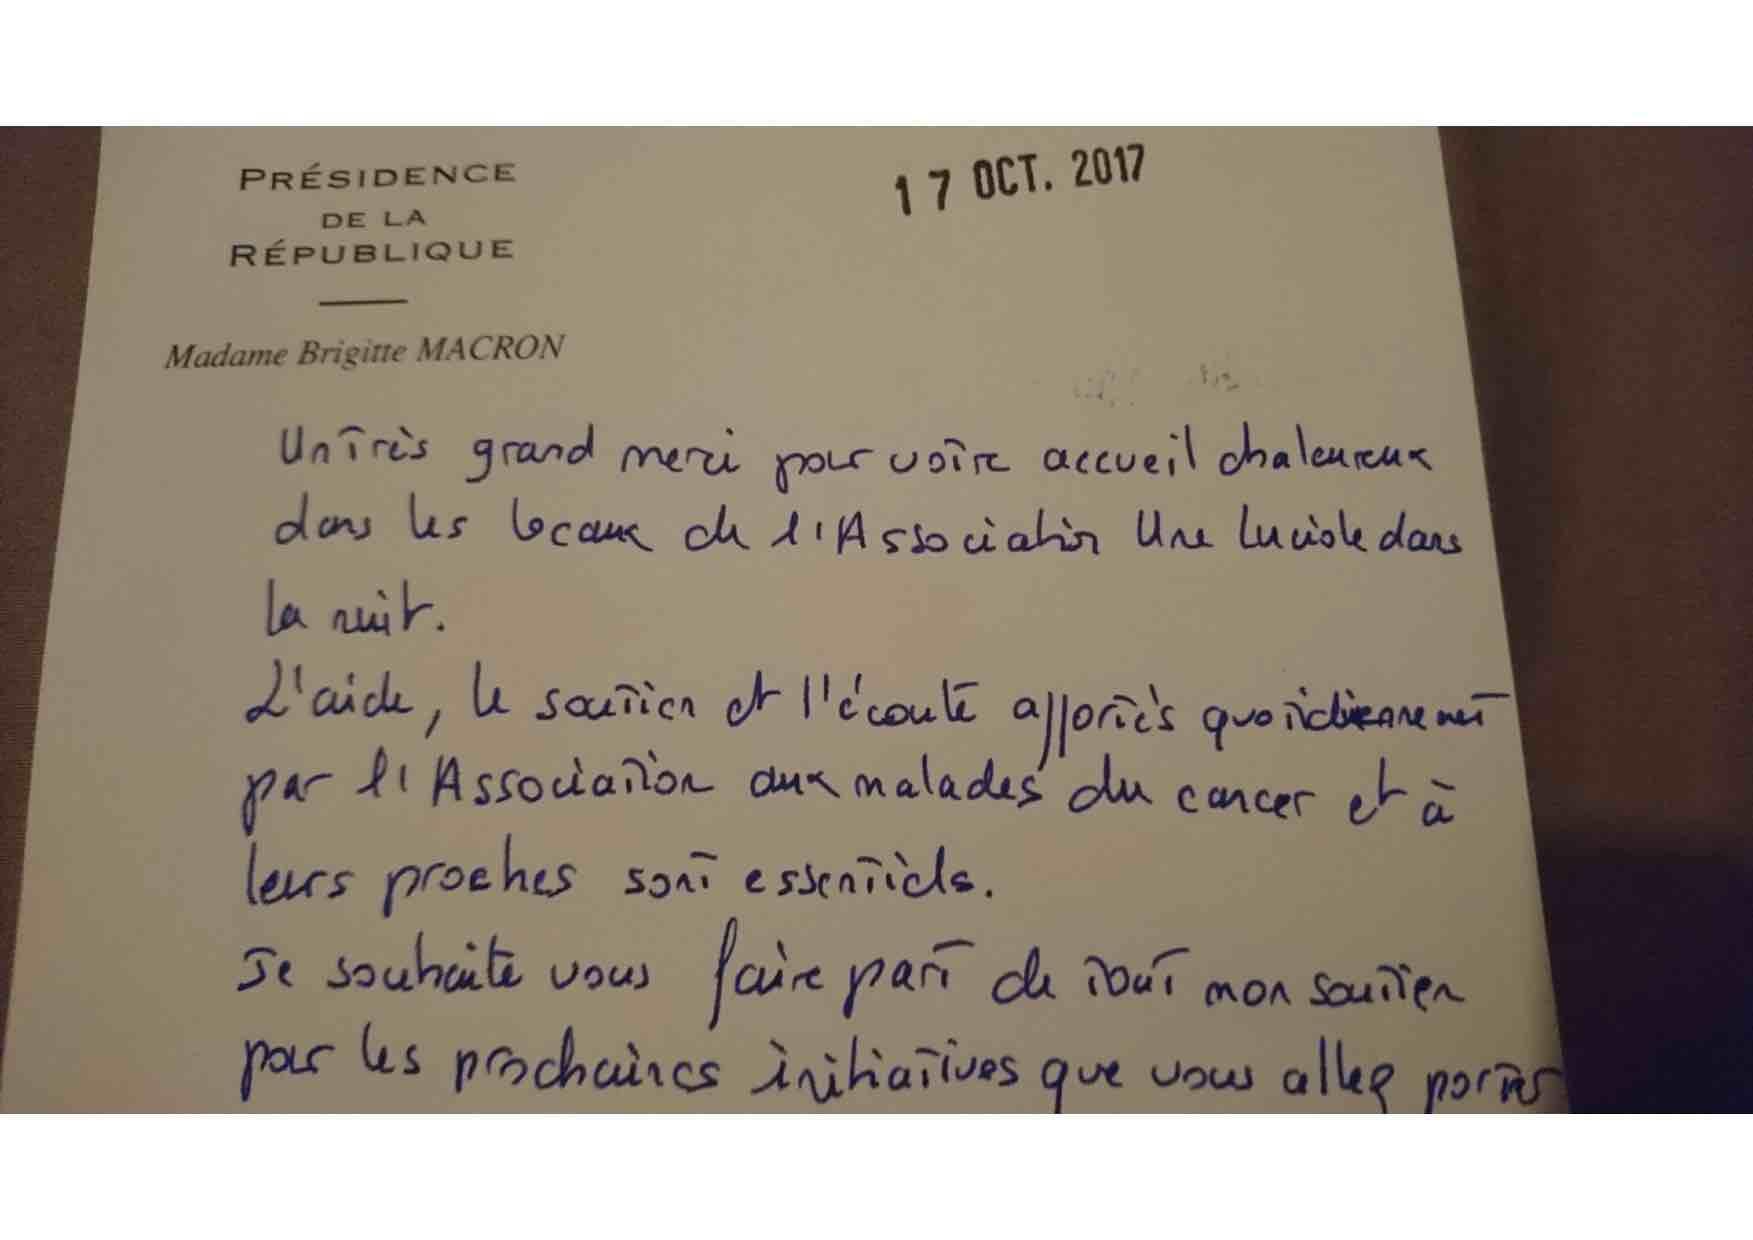 Mme Brigitte Macron adresse ses remerciements à l'association à la suite de sa visite du 10 Octobre 2017